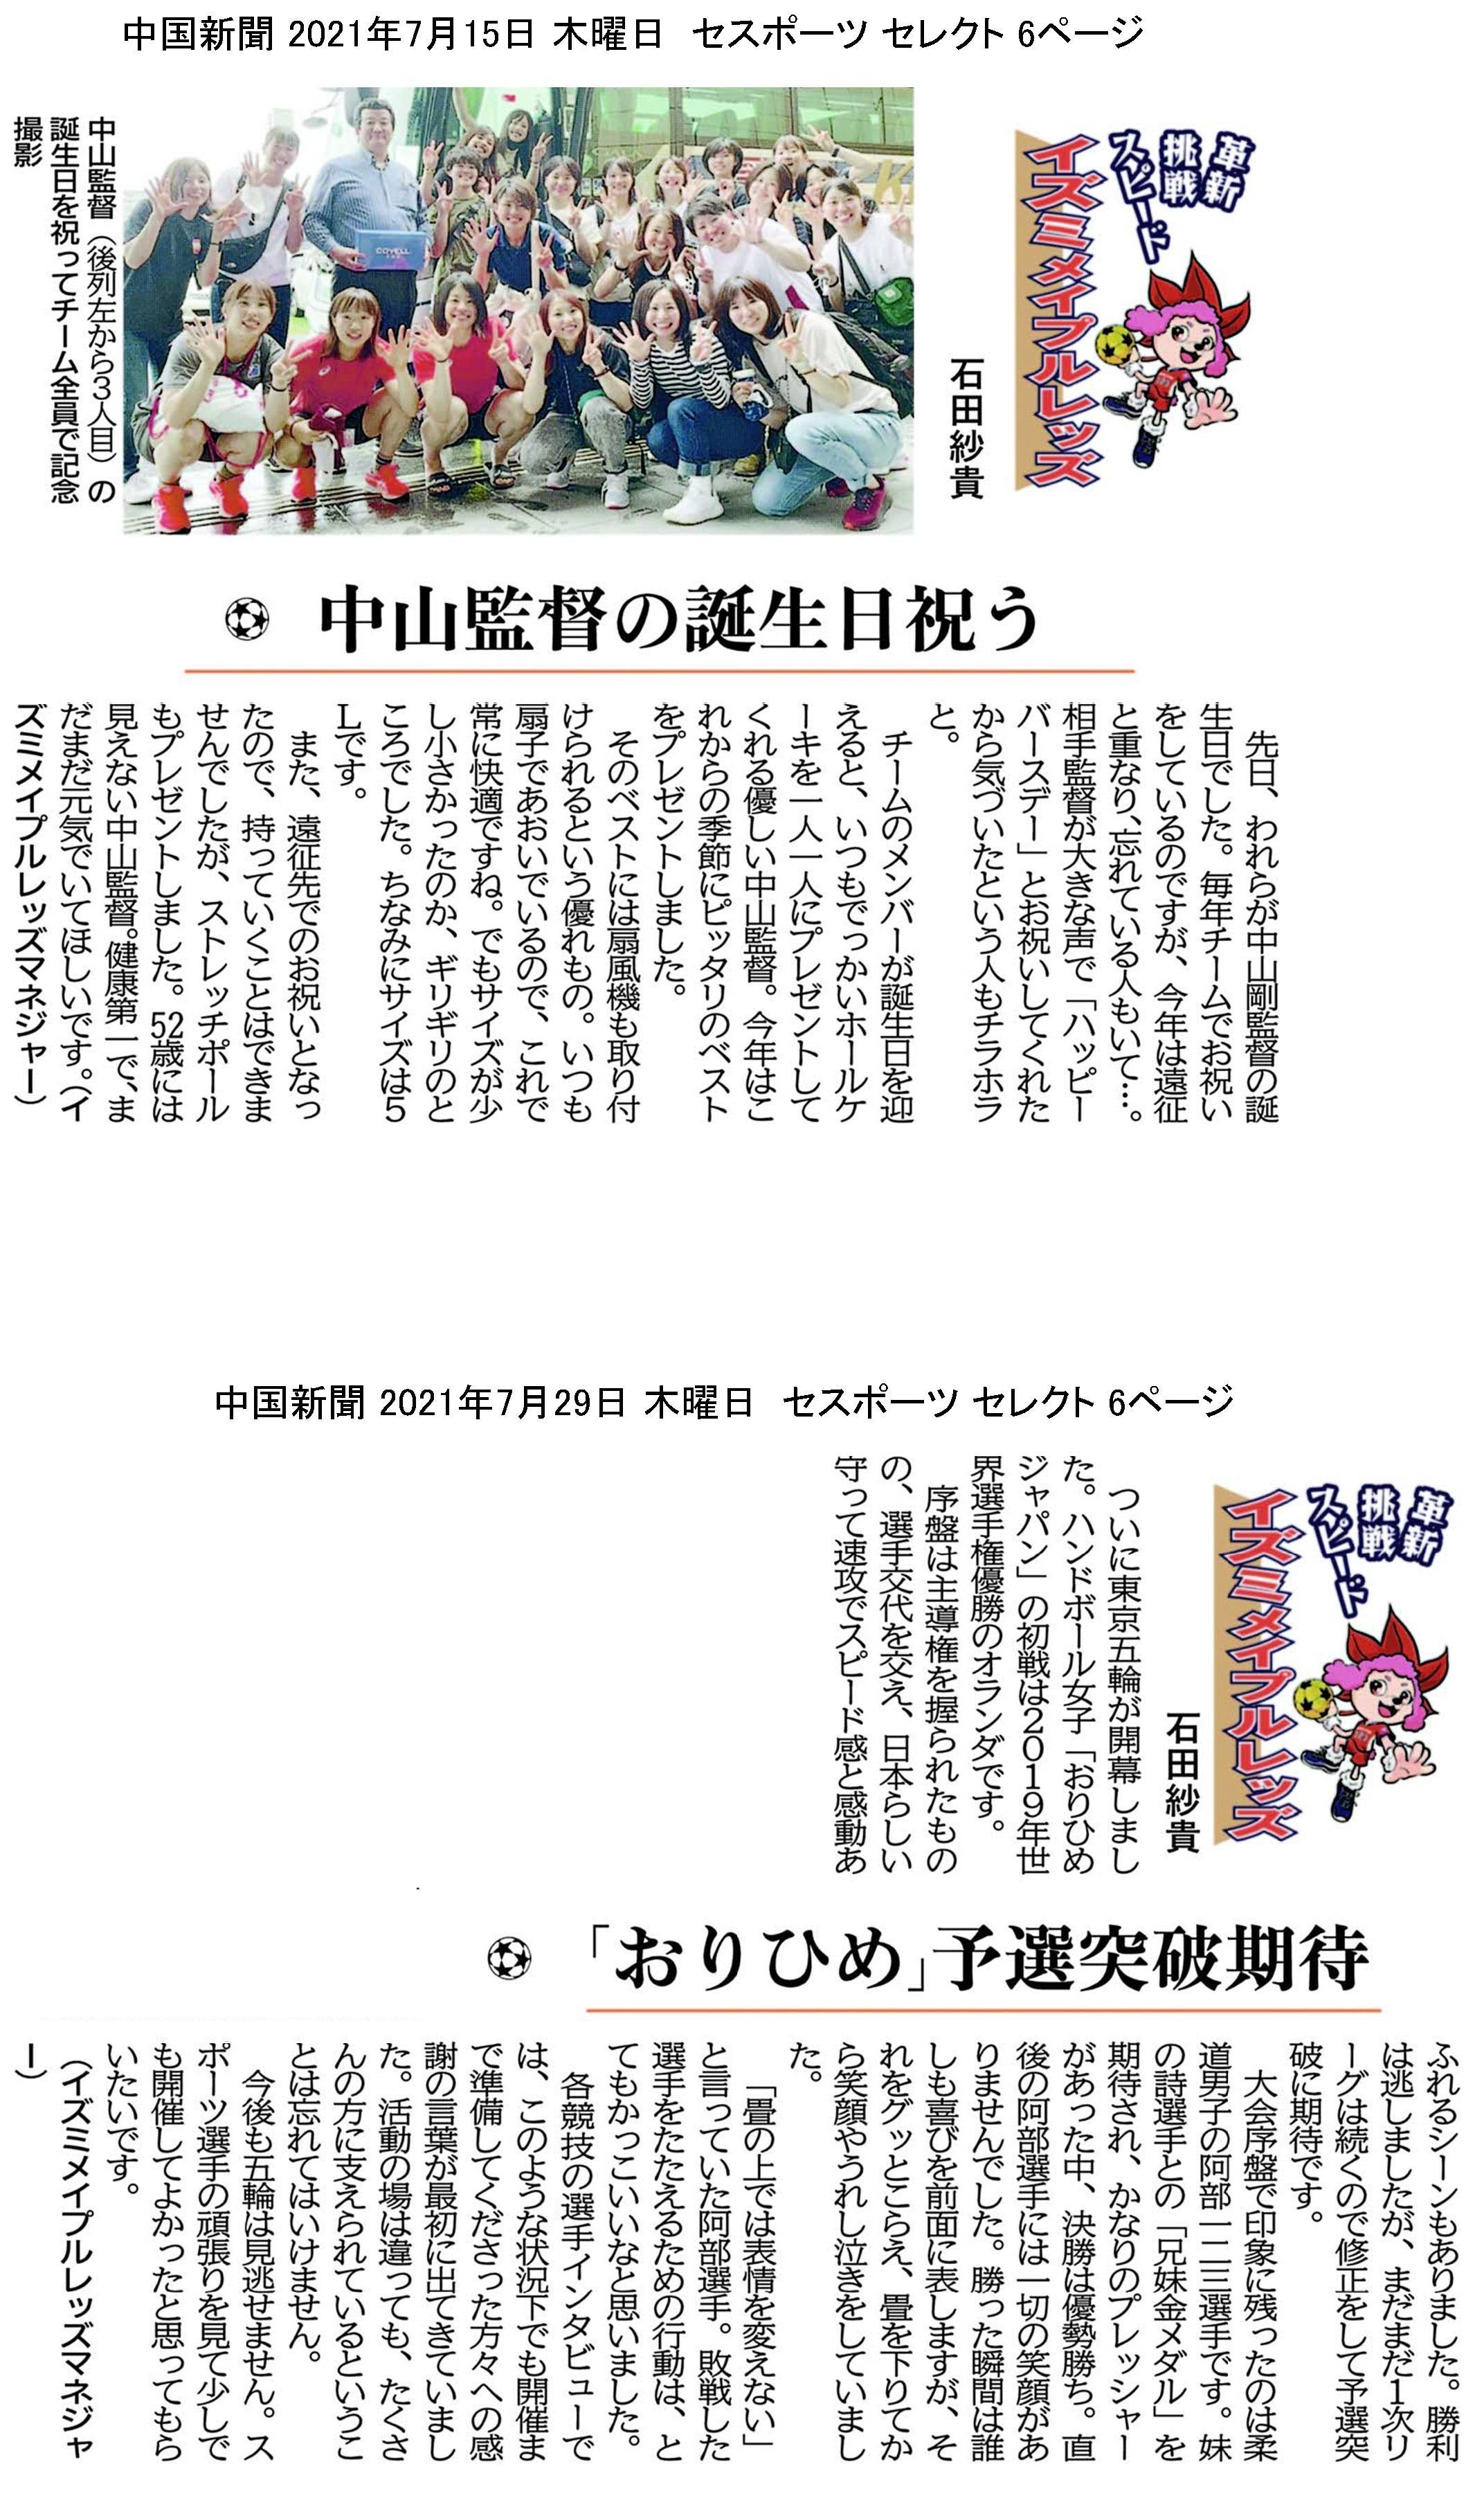 中国新聞セレクト版 イズミメイプルレッズコラム 2021年7月掲載分 イメージ